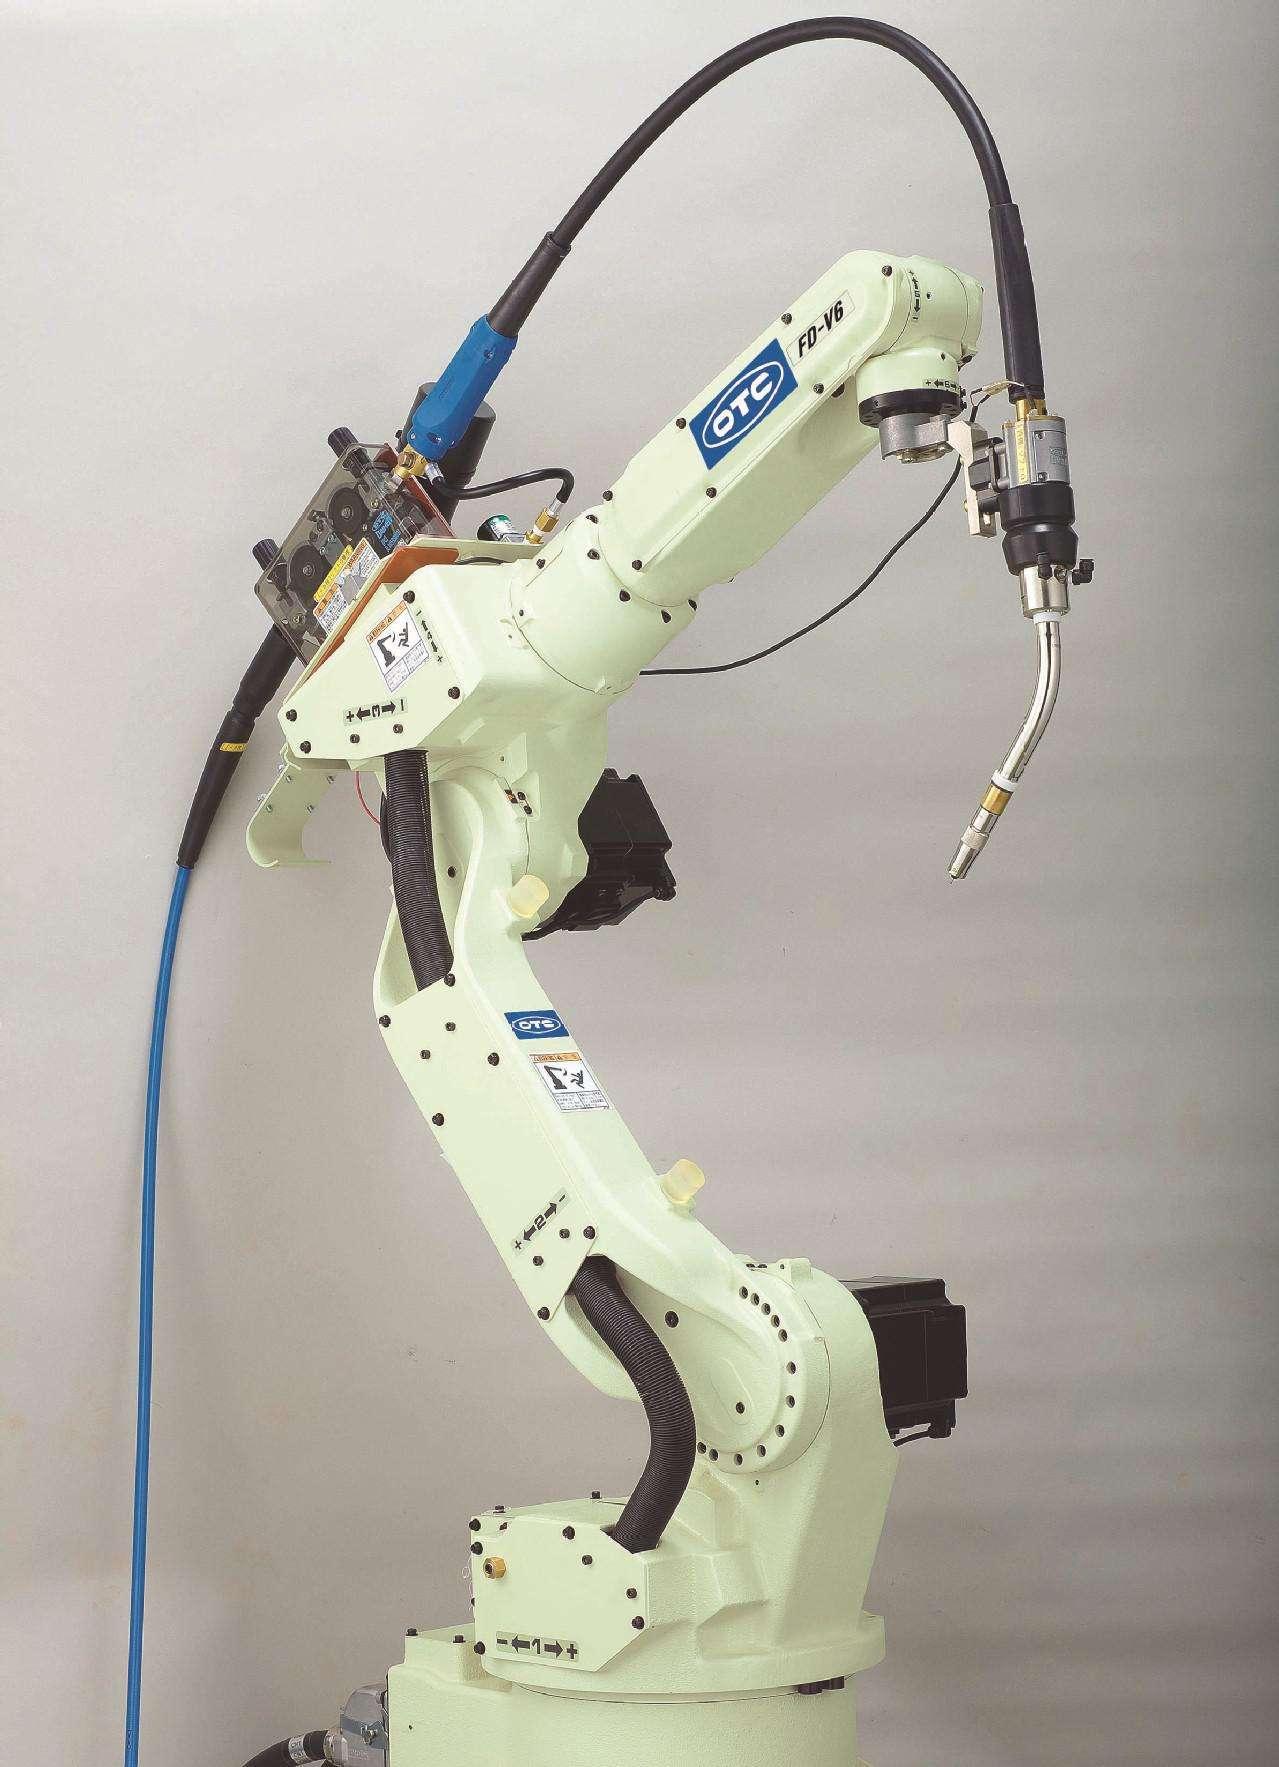 陕西安川焊接机器人教程西安安川焊接机器人资料和案例